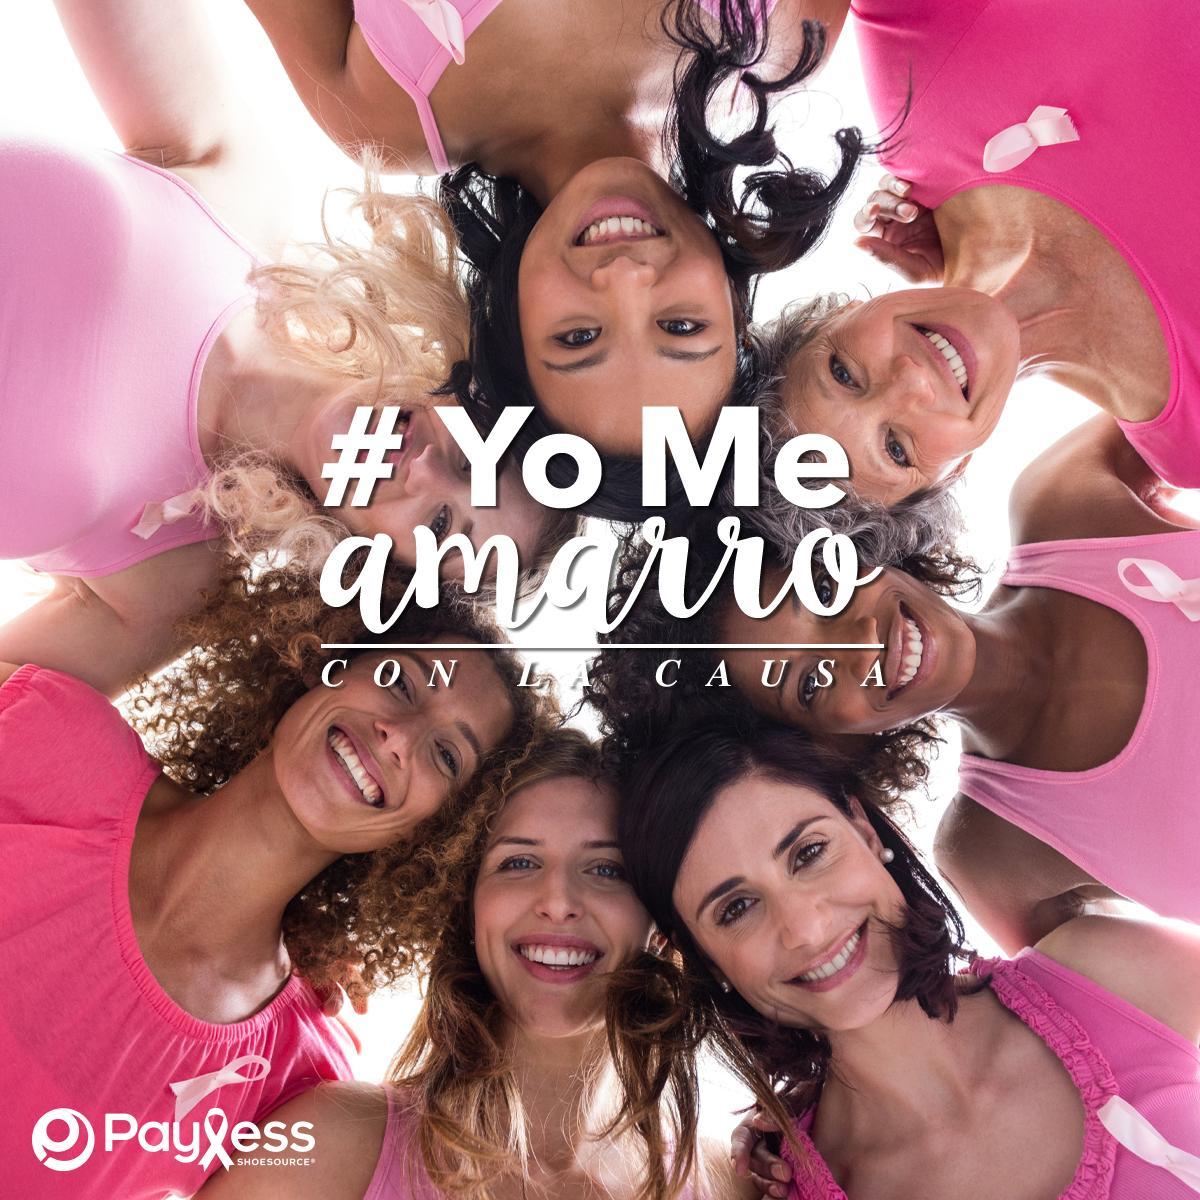 ¡Demuestra tu apoyo y dí #YoMeAmarroConLaCausa! Encuentra los cordones rosa en #Payless y apoya la lucha contra el cáncer de seno. *Válido mientras duren existencias. https://t.co/yKC6TtG624